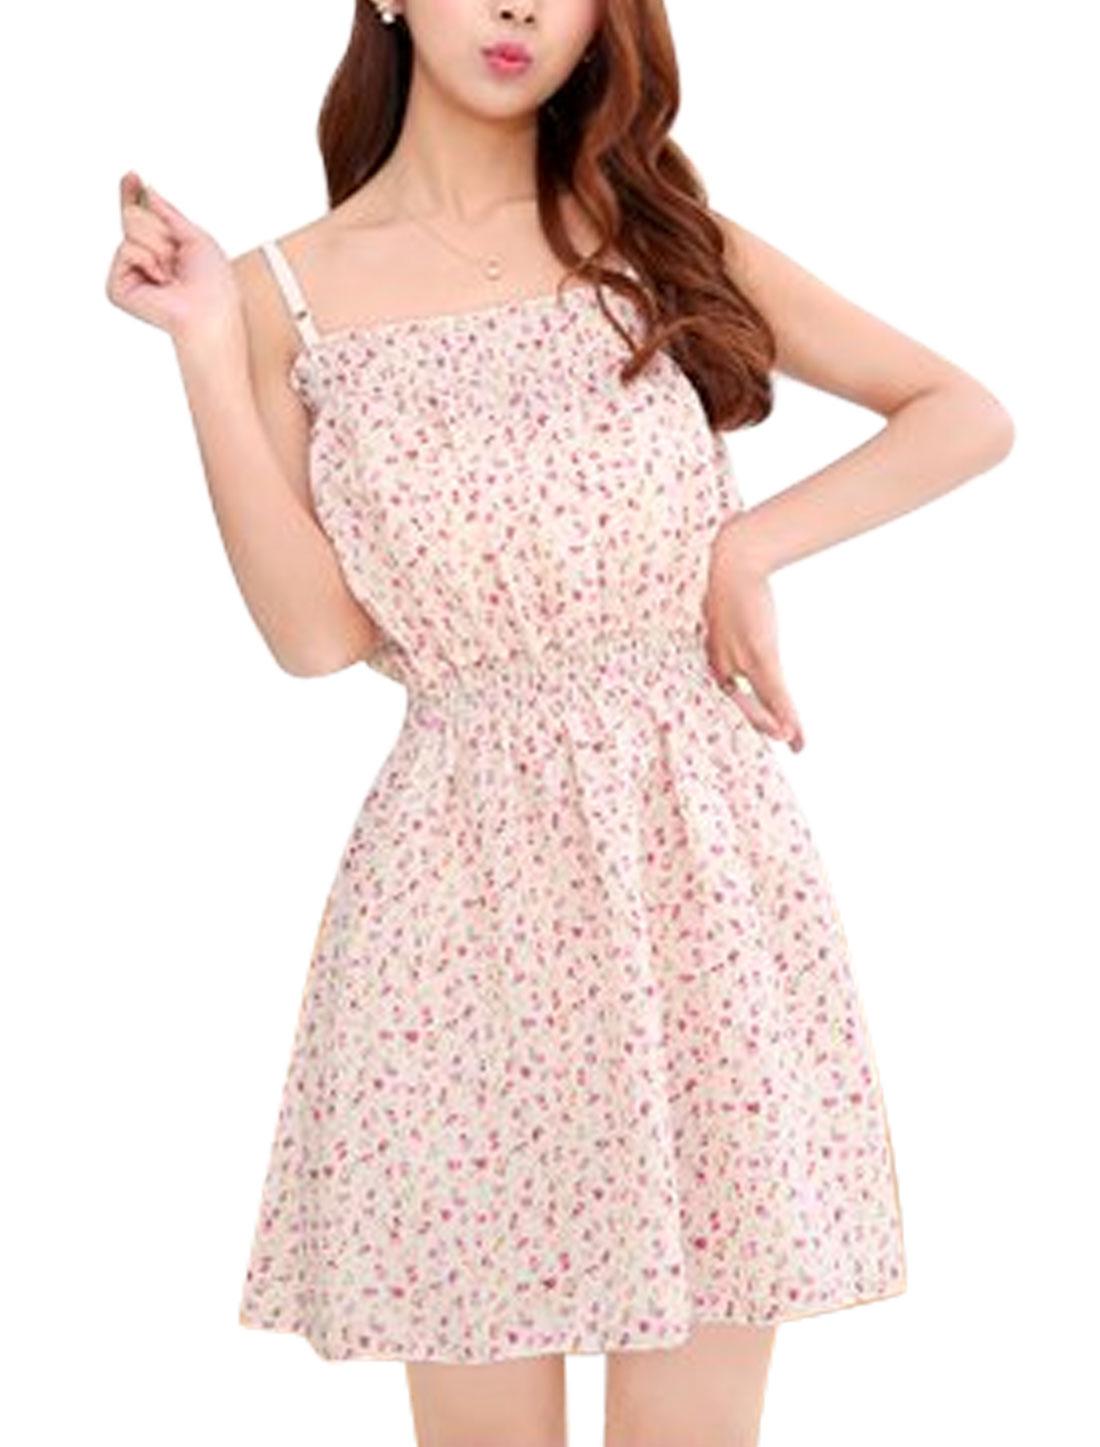 Lady Floral Prints Adjustable Shoulder Straps Sundress Beige XS